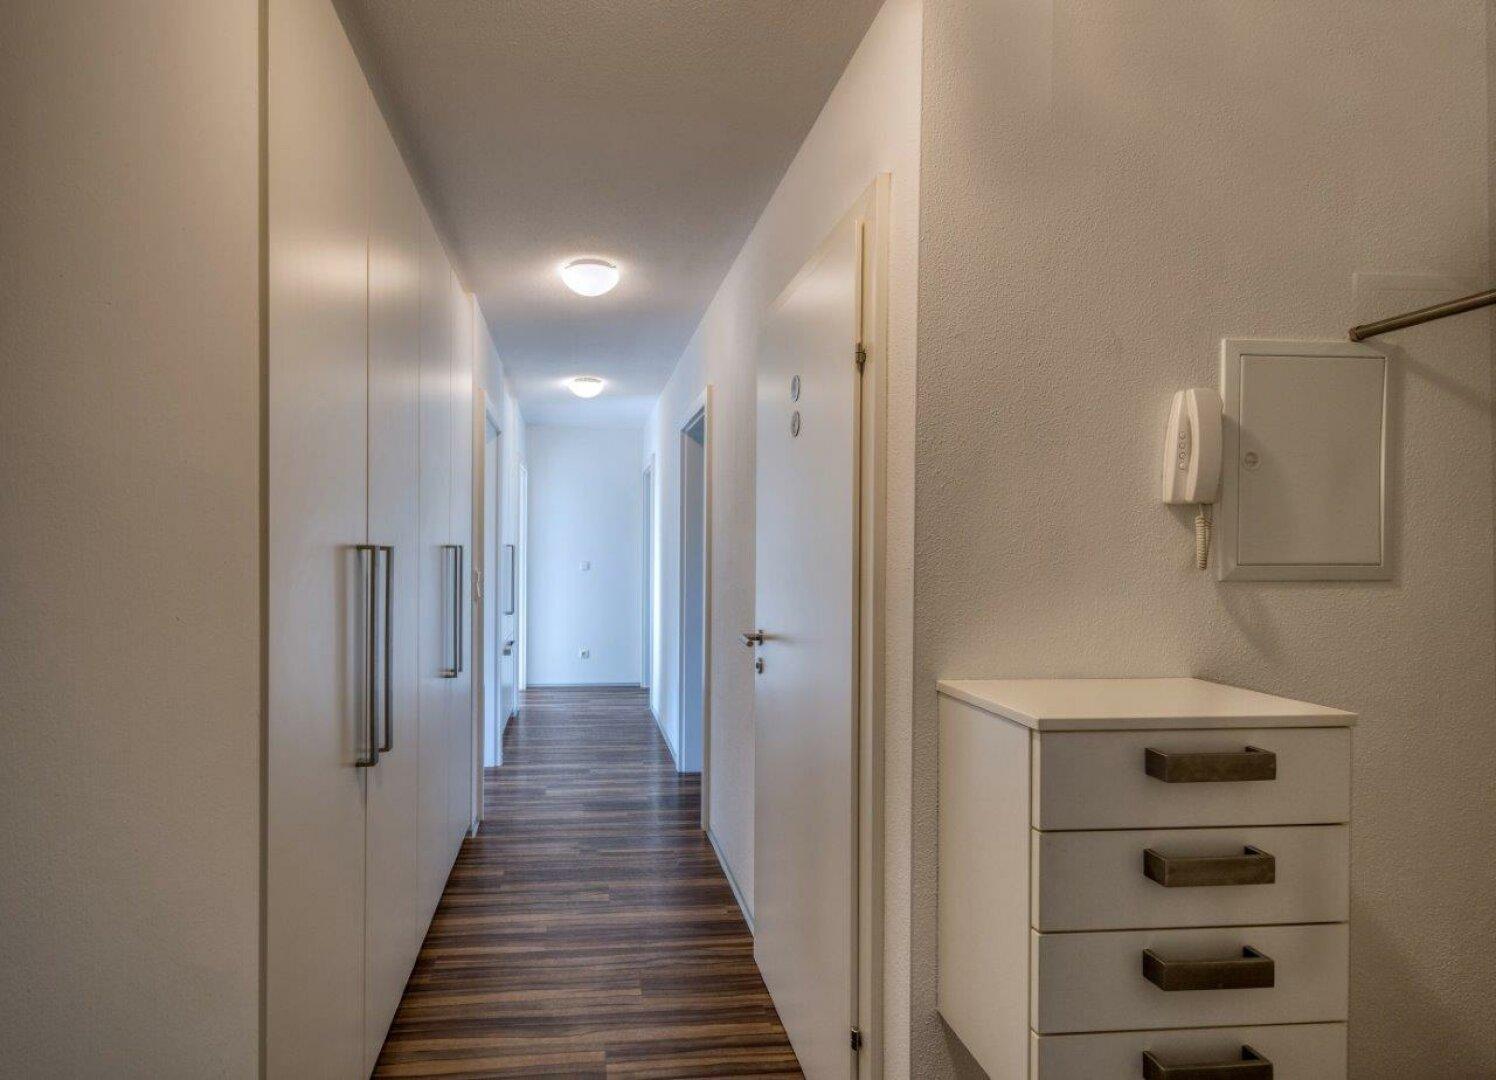 Diele, Gang, 4-Zimmer Maisonette Wohnung, Schwoich